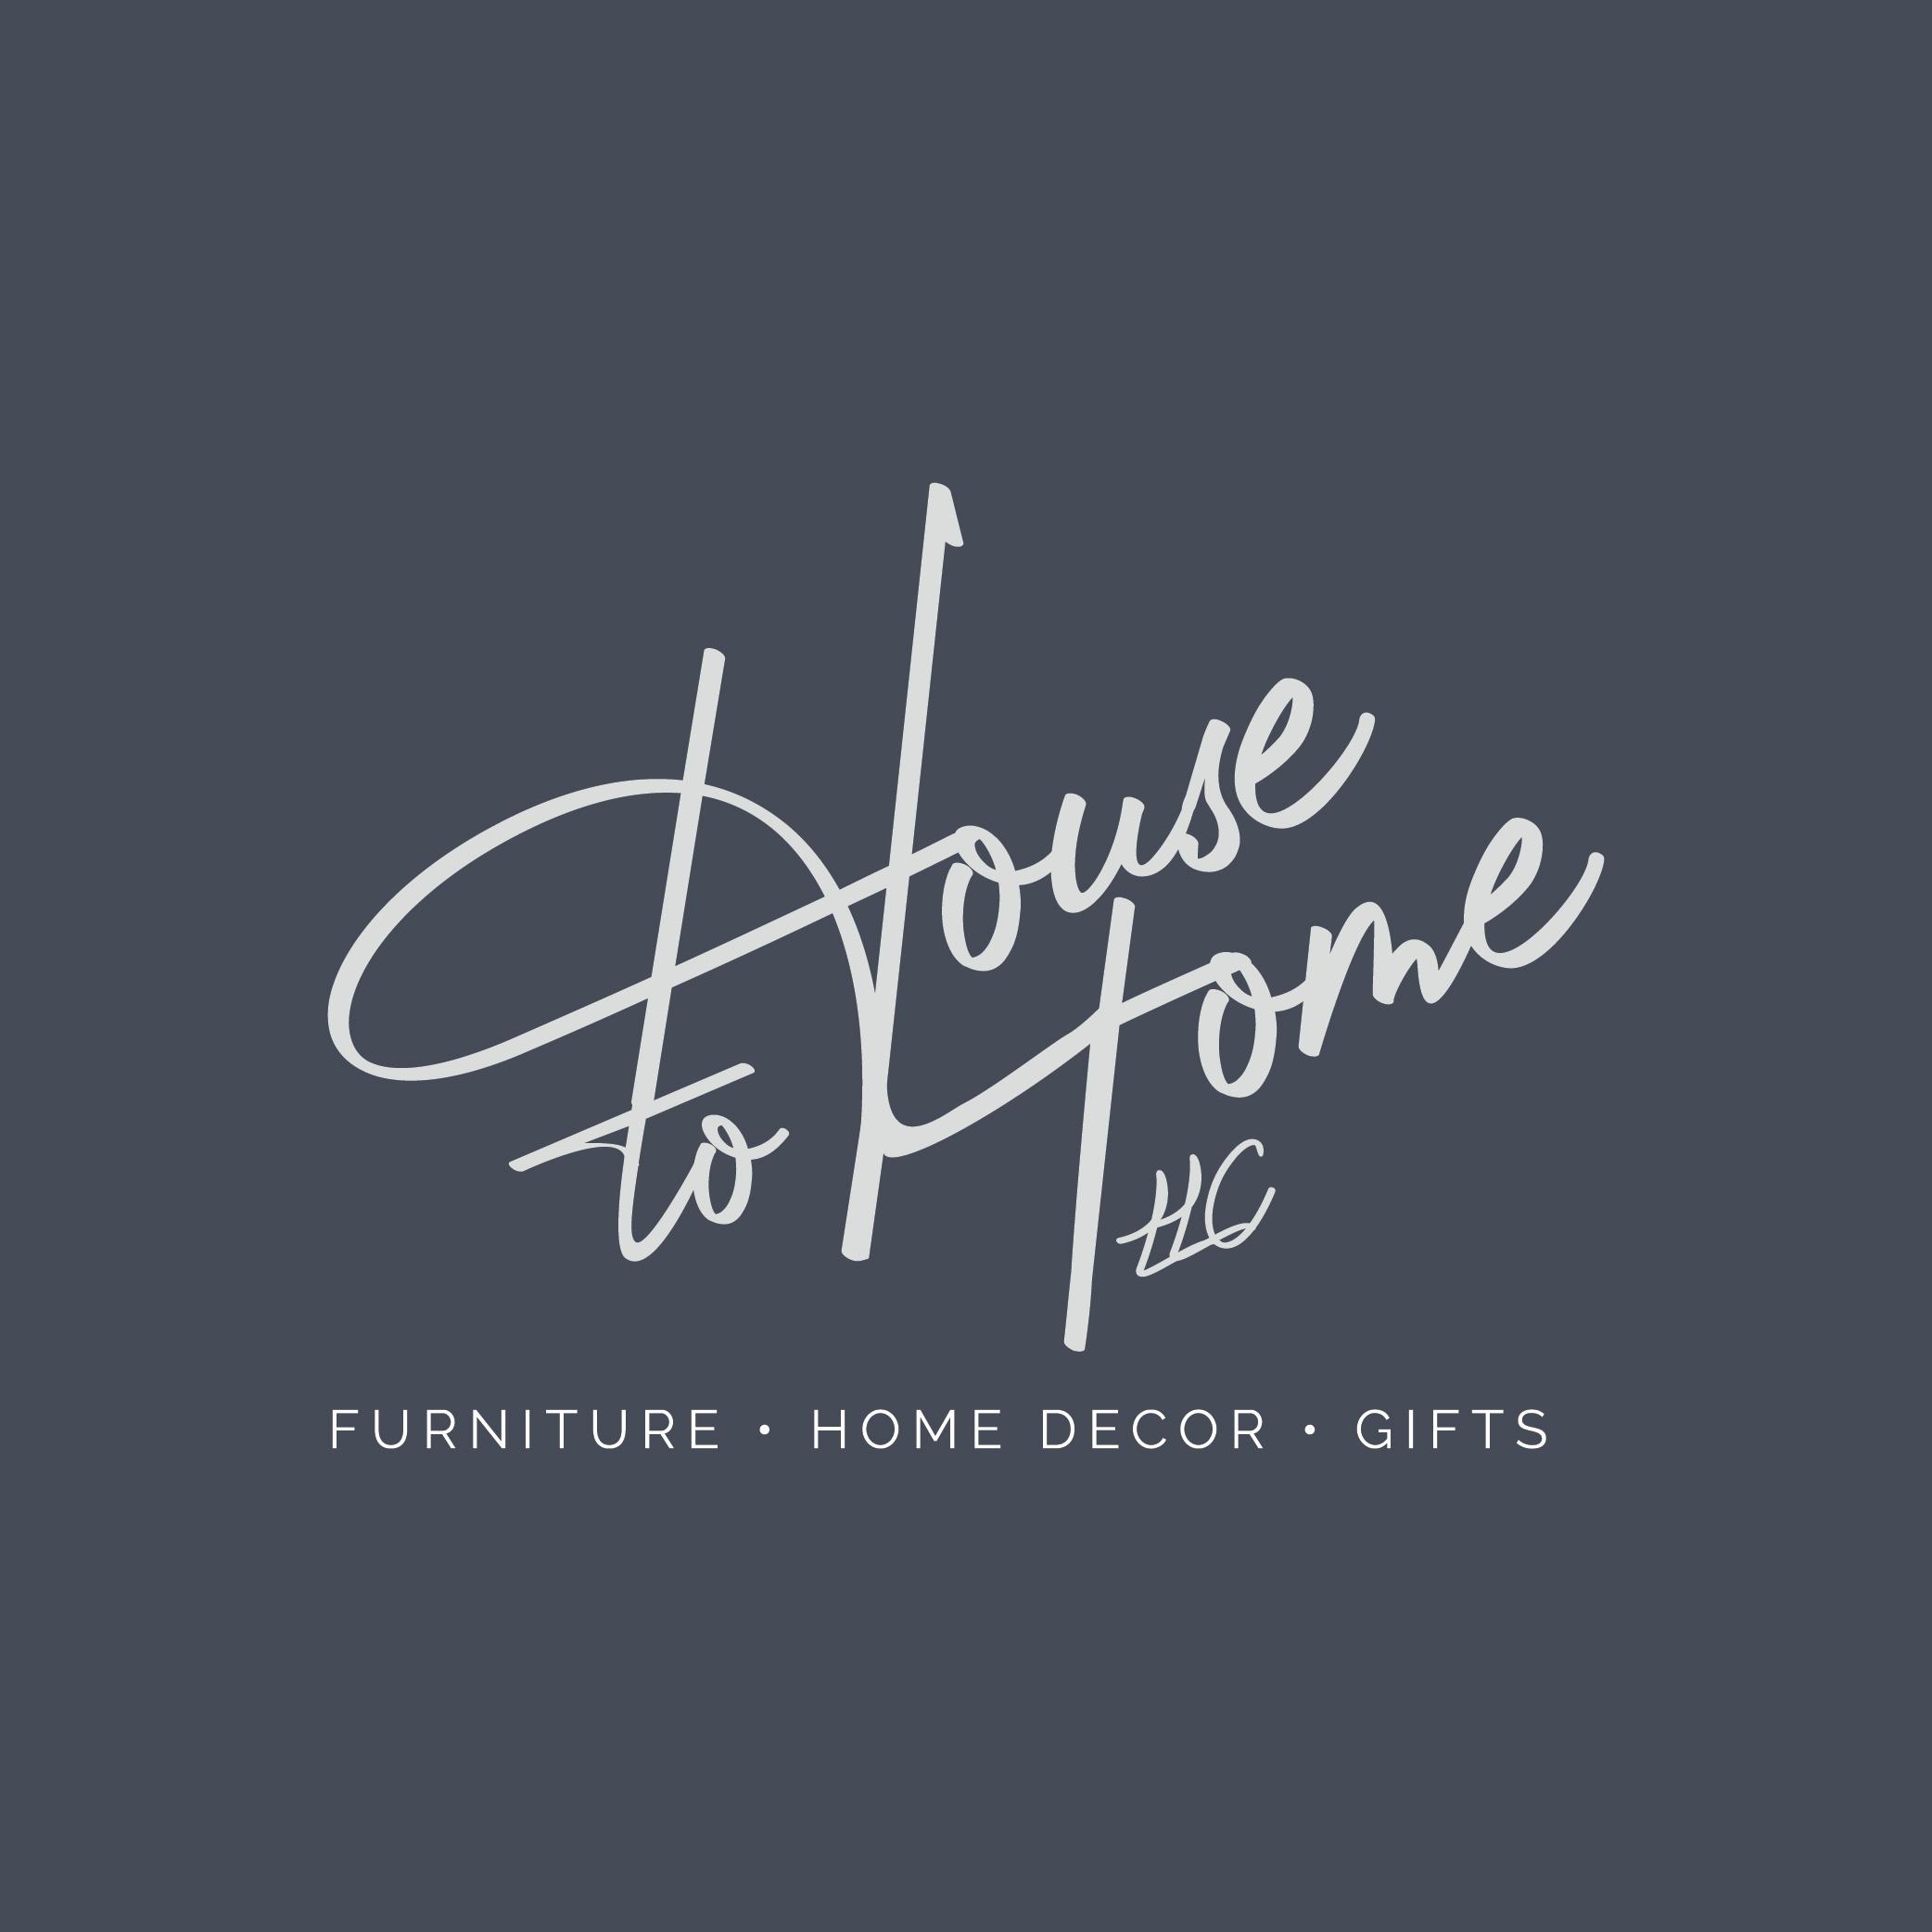 House to Home LLC logo design